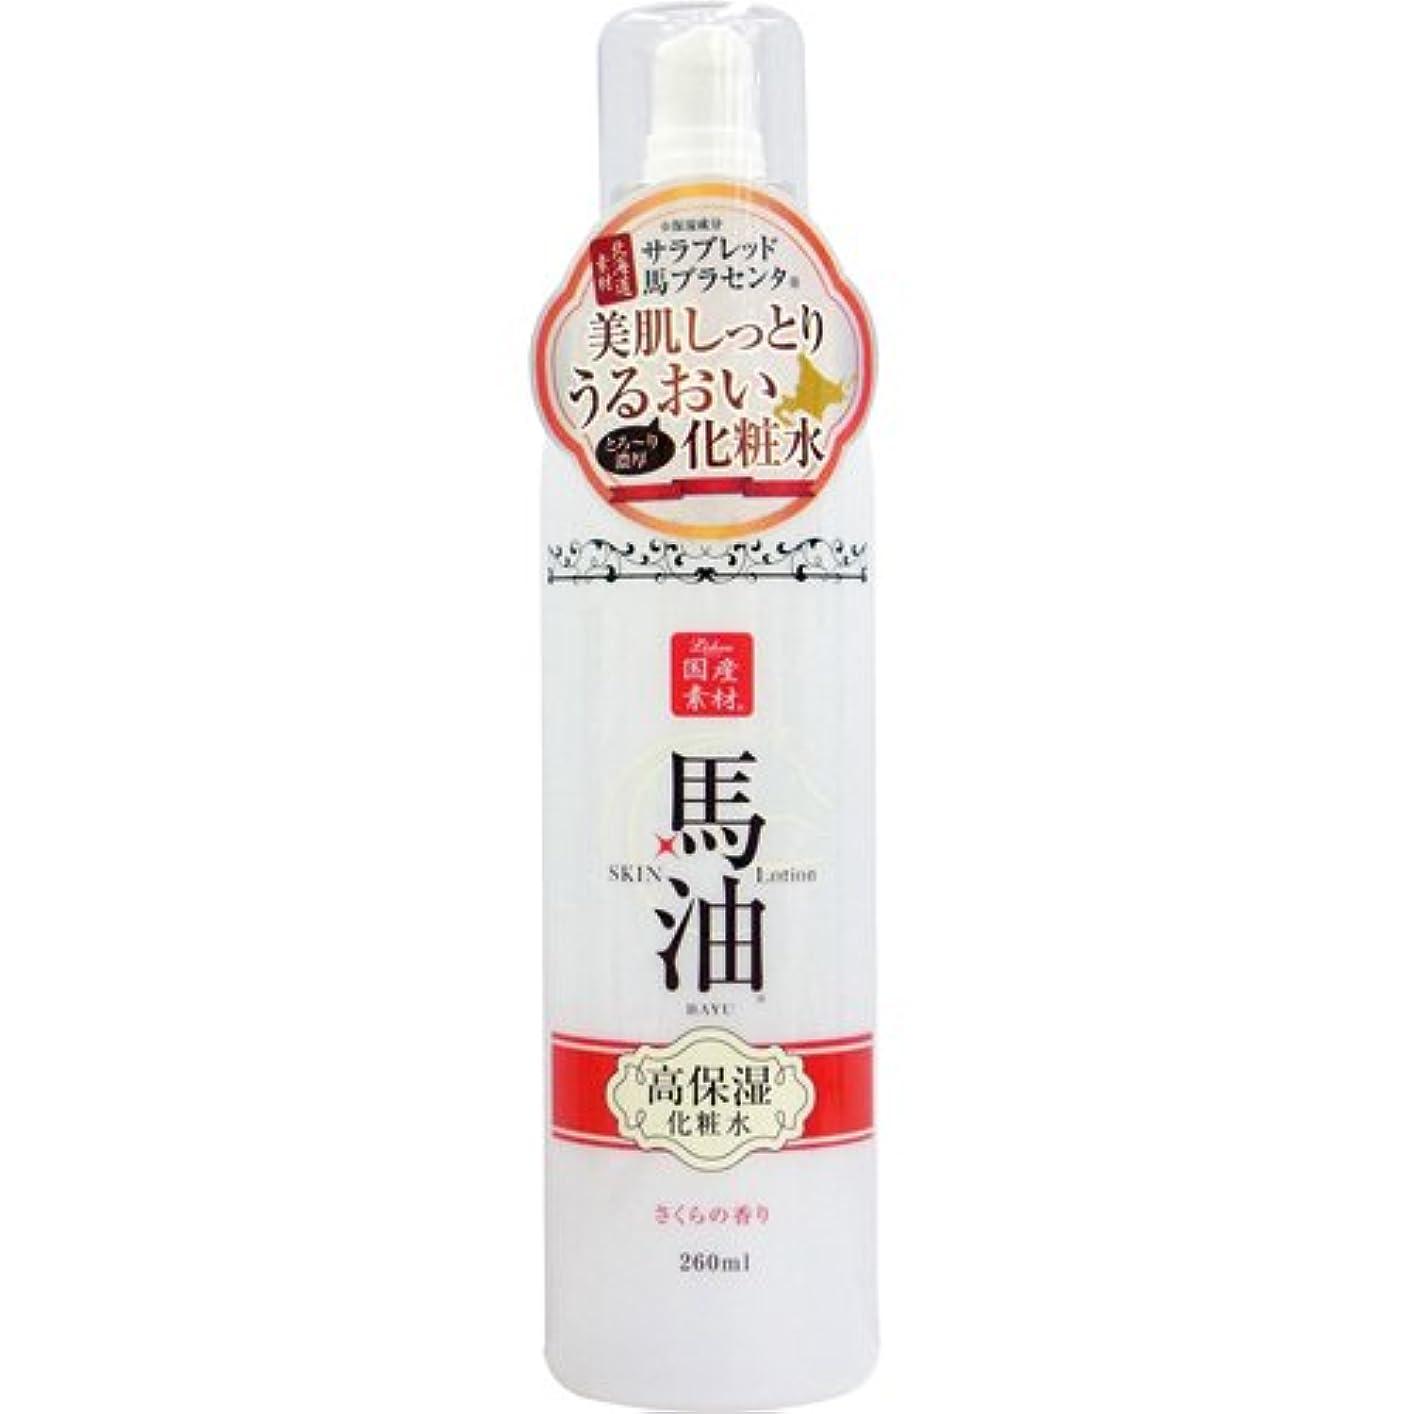 乱暴な時道に迷いましたリシャン 馬油化粧水 (さくらの香り) (260mL)